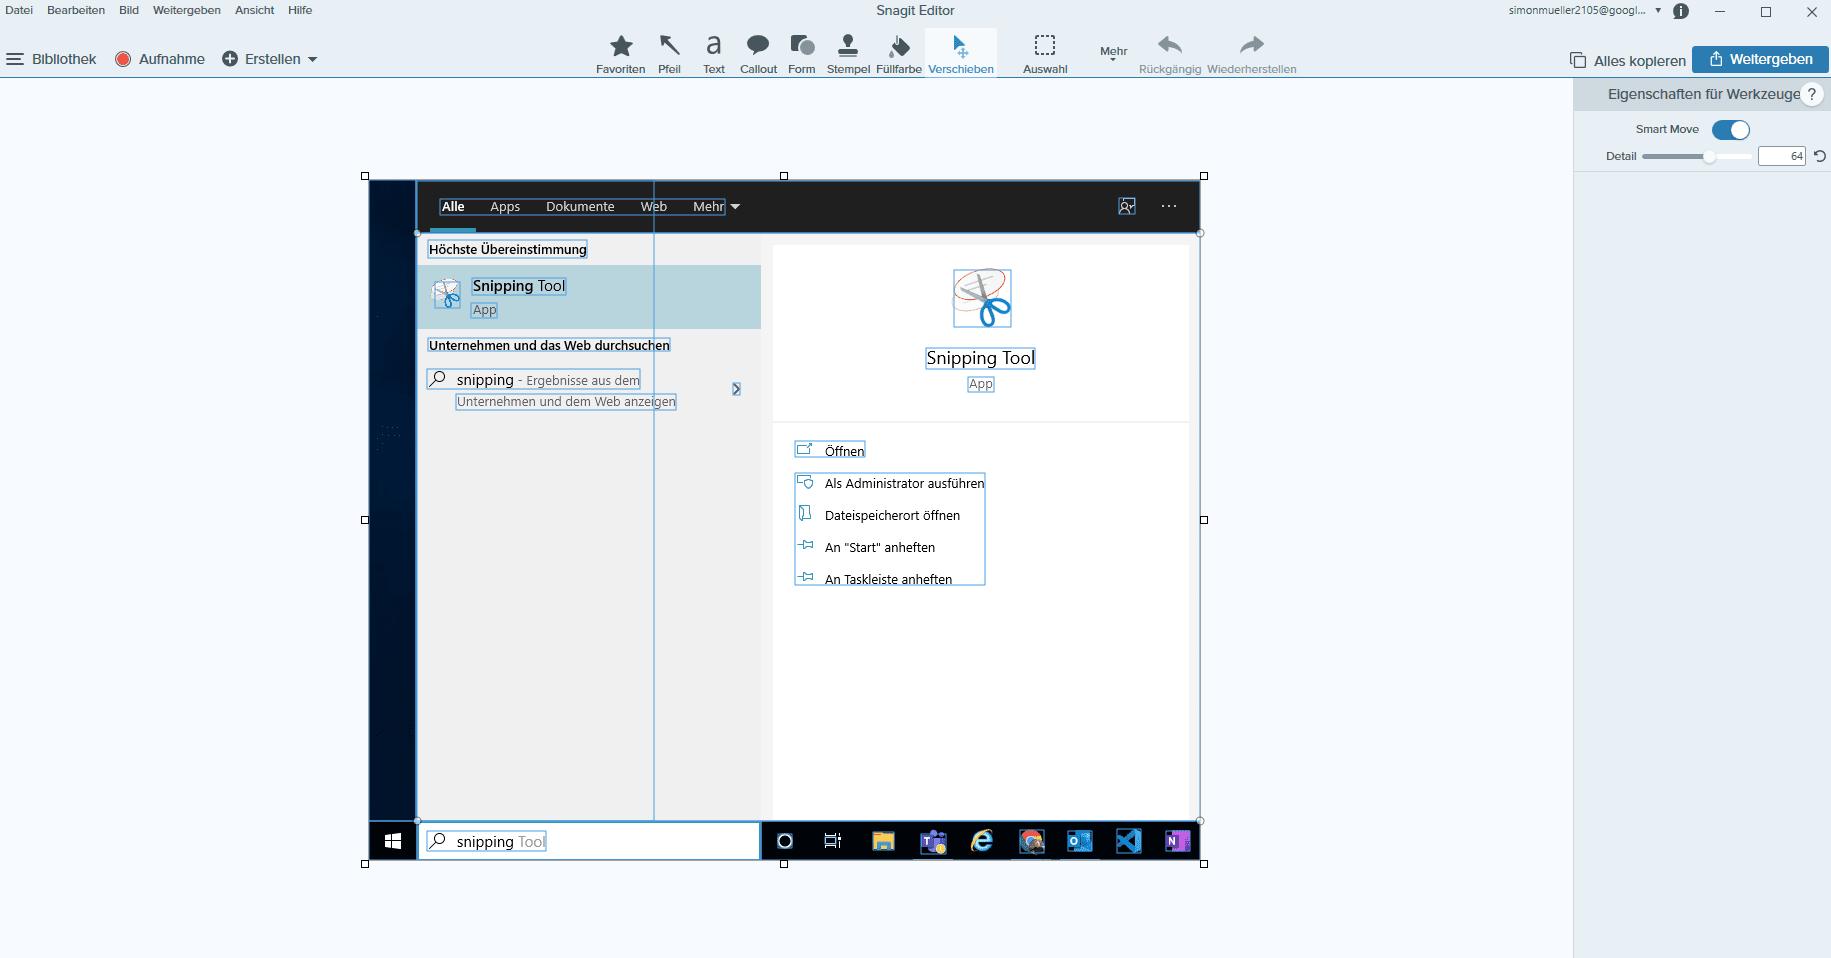 Screenshot Elemente verschieben mit Smart Move